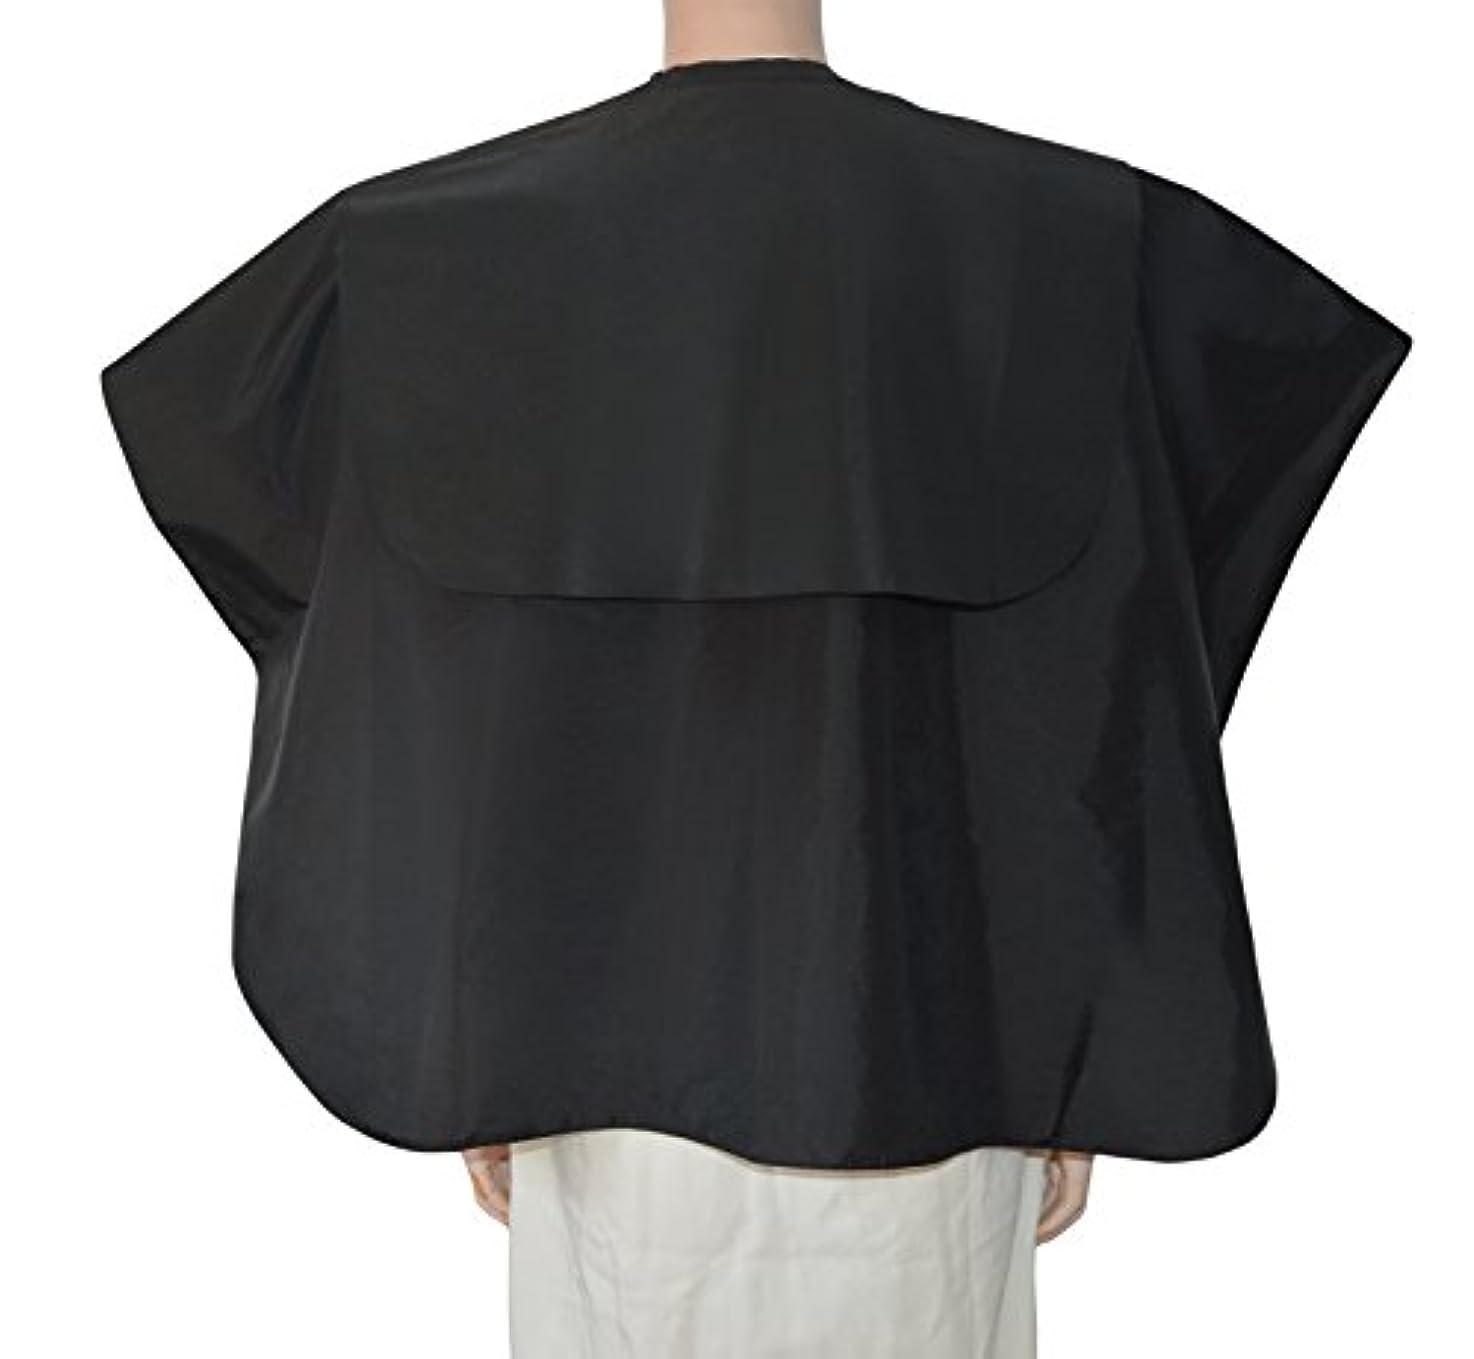 モデレータ本物の黒板バックシャンプークロス マジックタイプ【全2色】 (ブラック2枚)